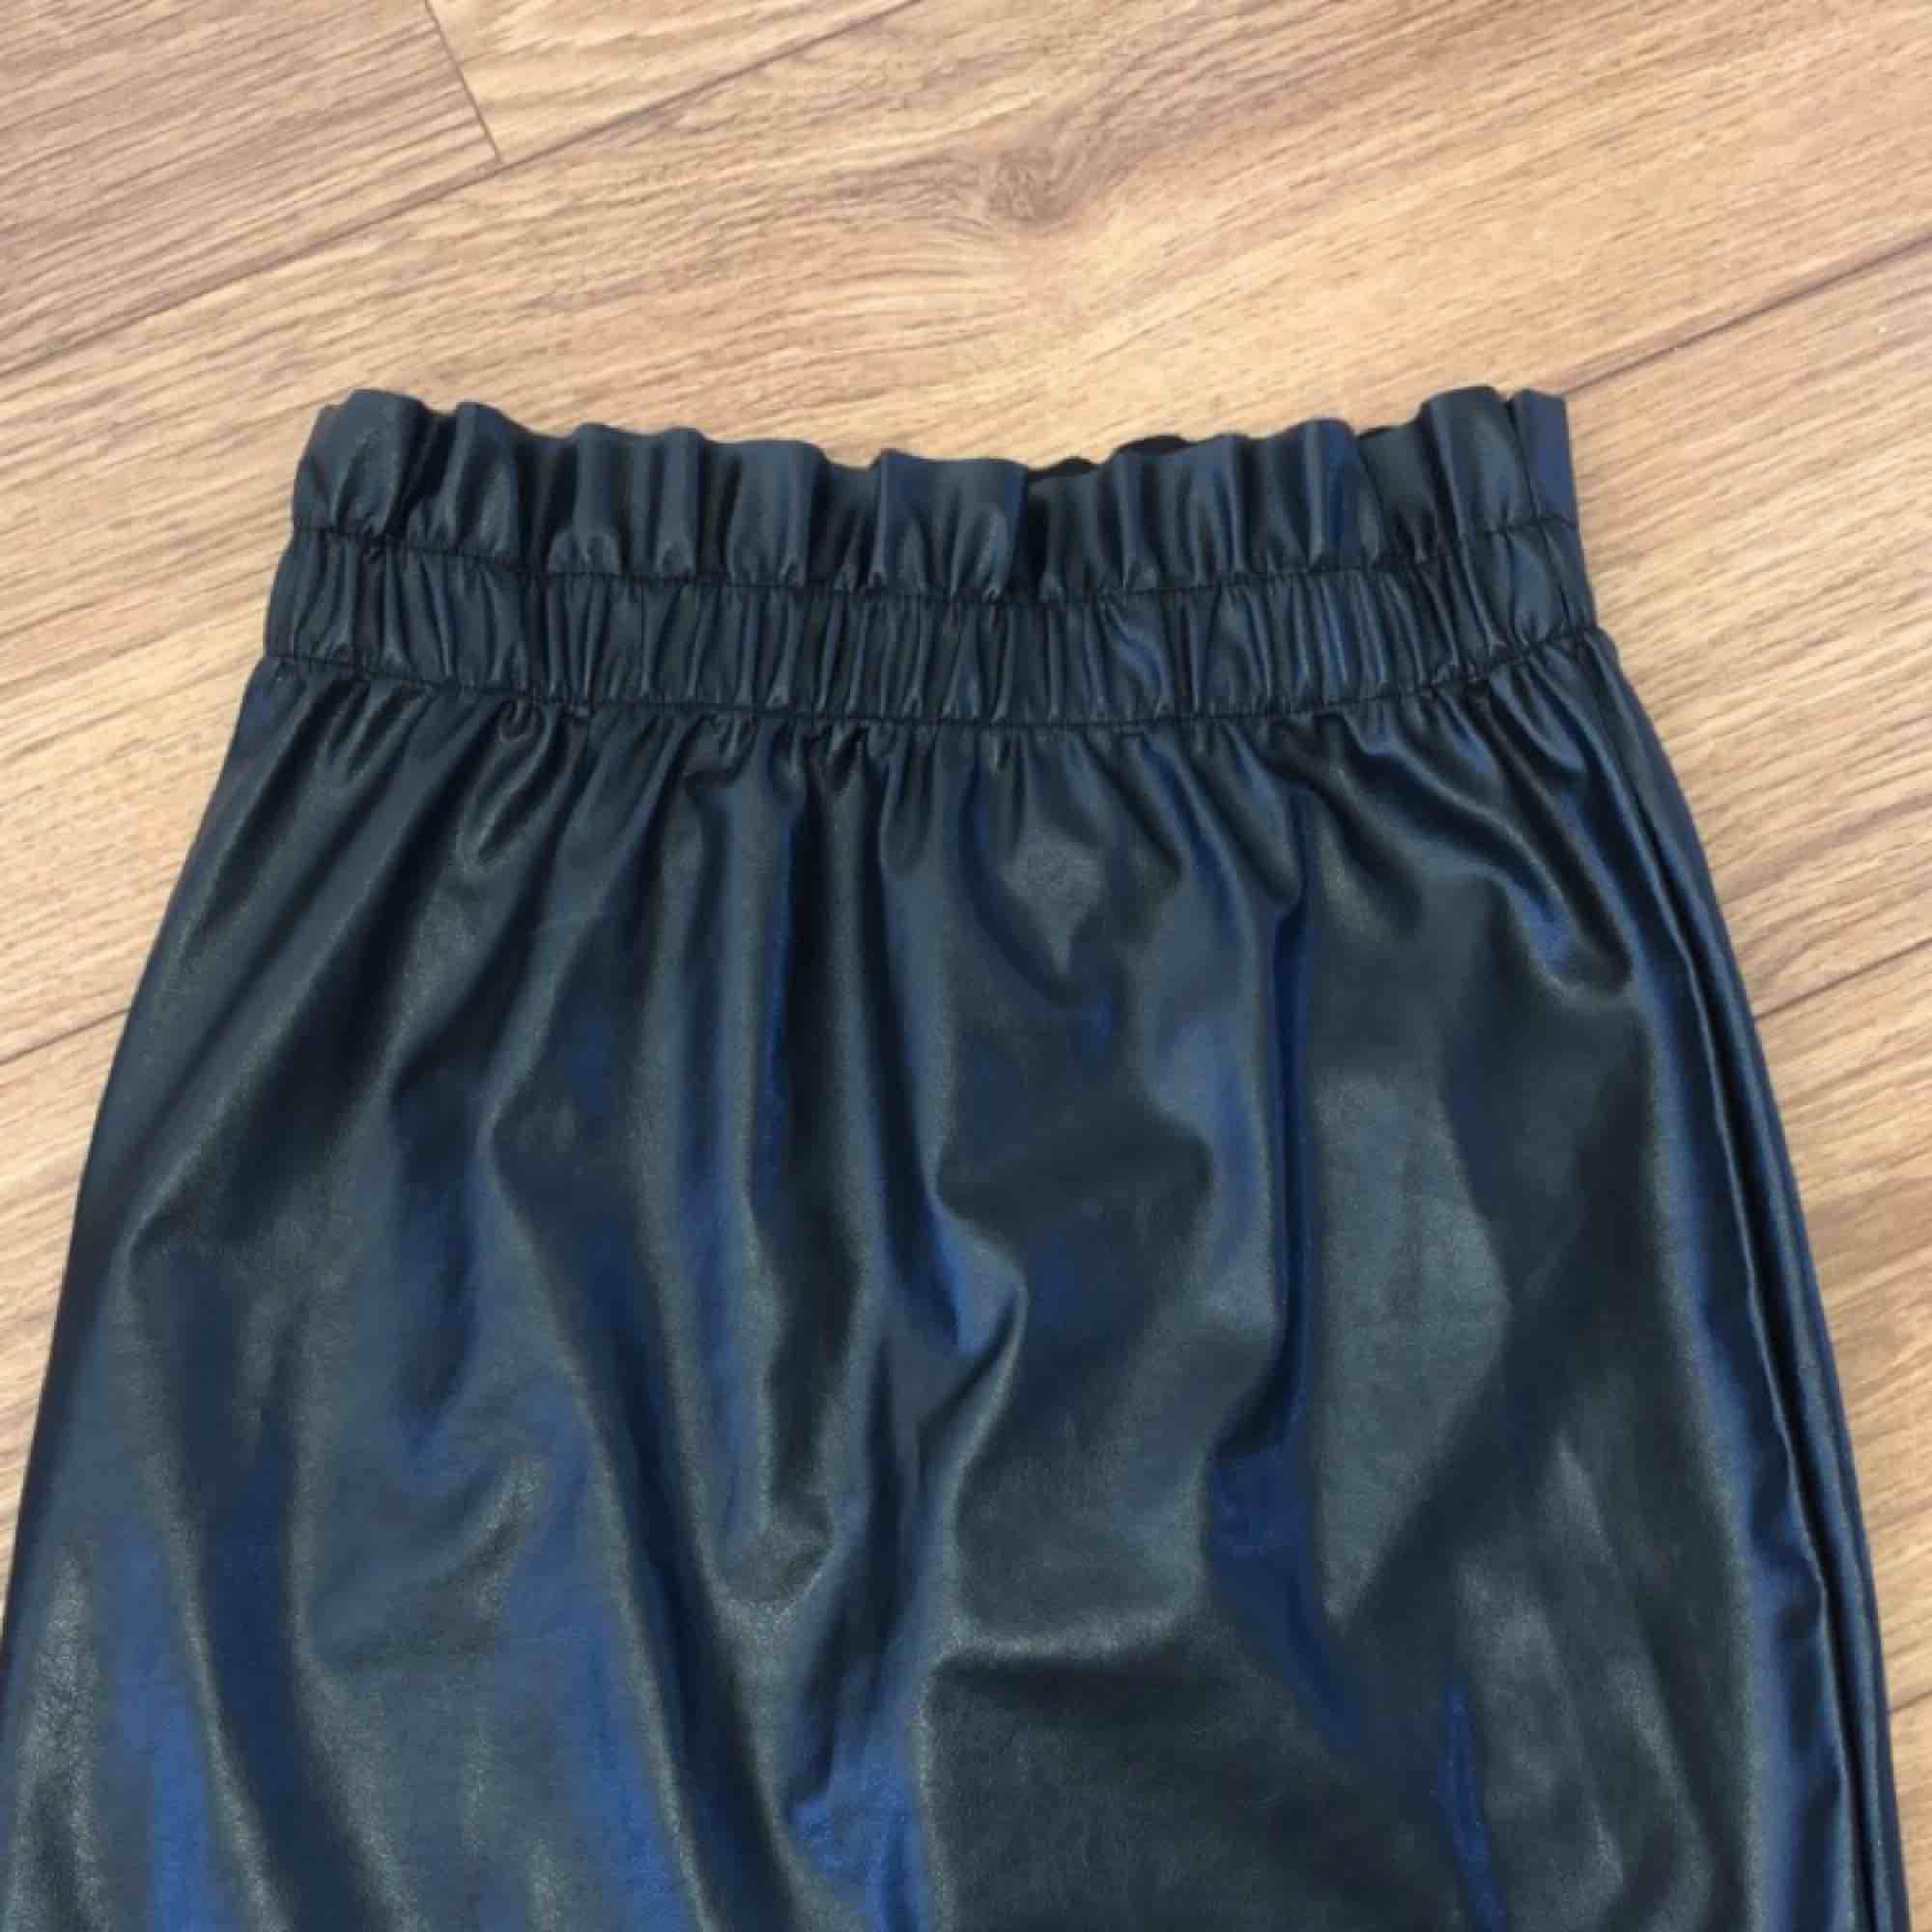 Säljer en jättefin kjol från Ginatricot i storlek XS. Den är köpt här på Plick men var tyvärr för liten på mig. Säljer den nu för 200:- inkl frakt, alltså kjol + frakt = 200:-. . Kjolar.